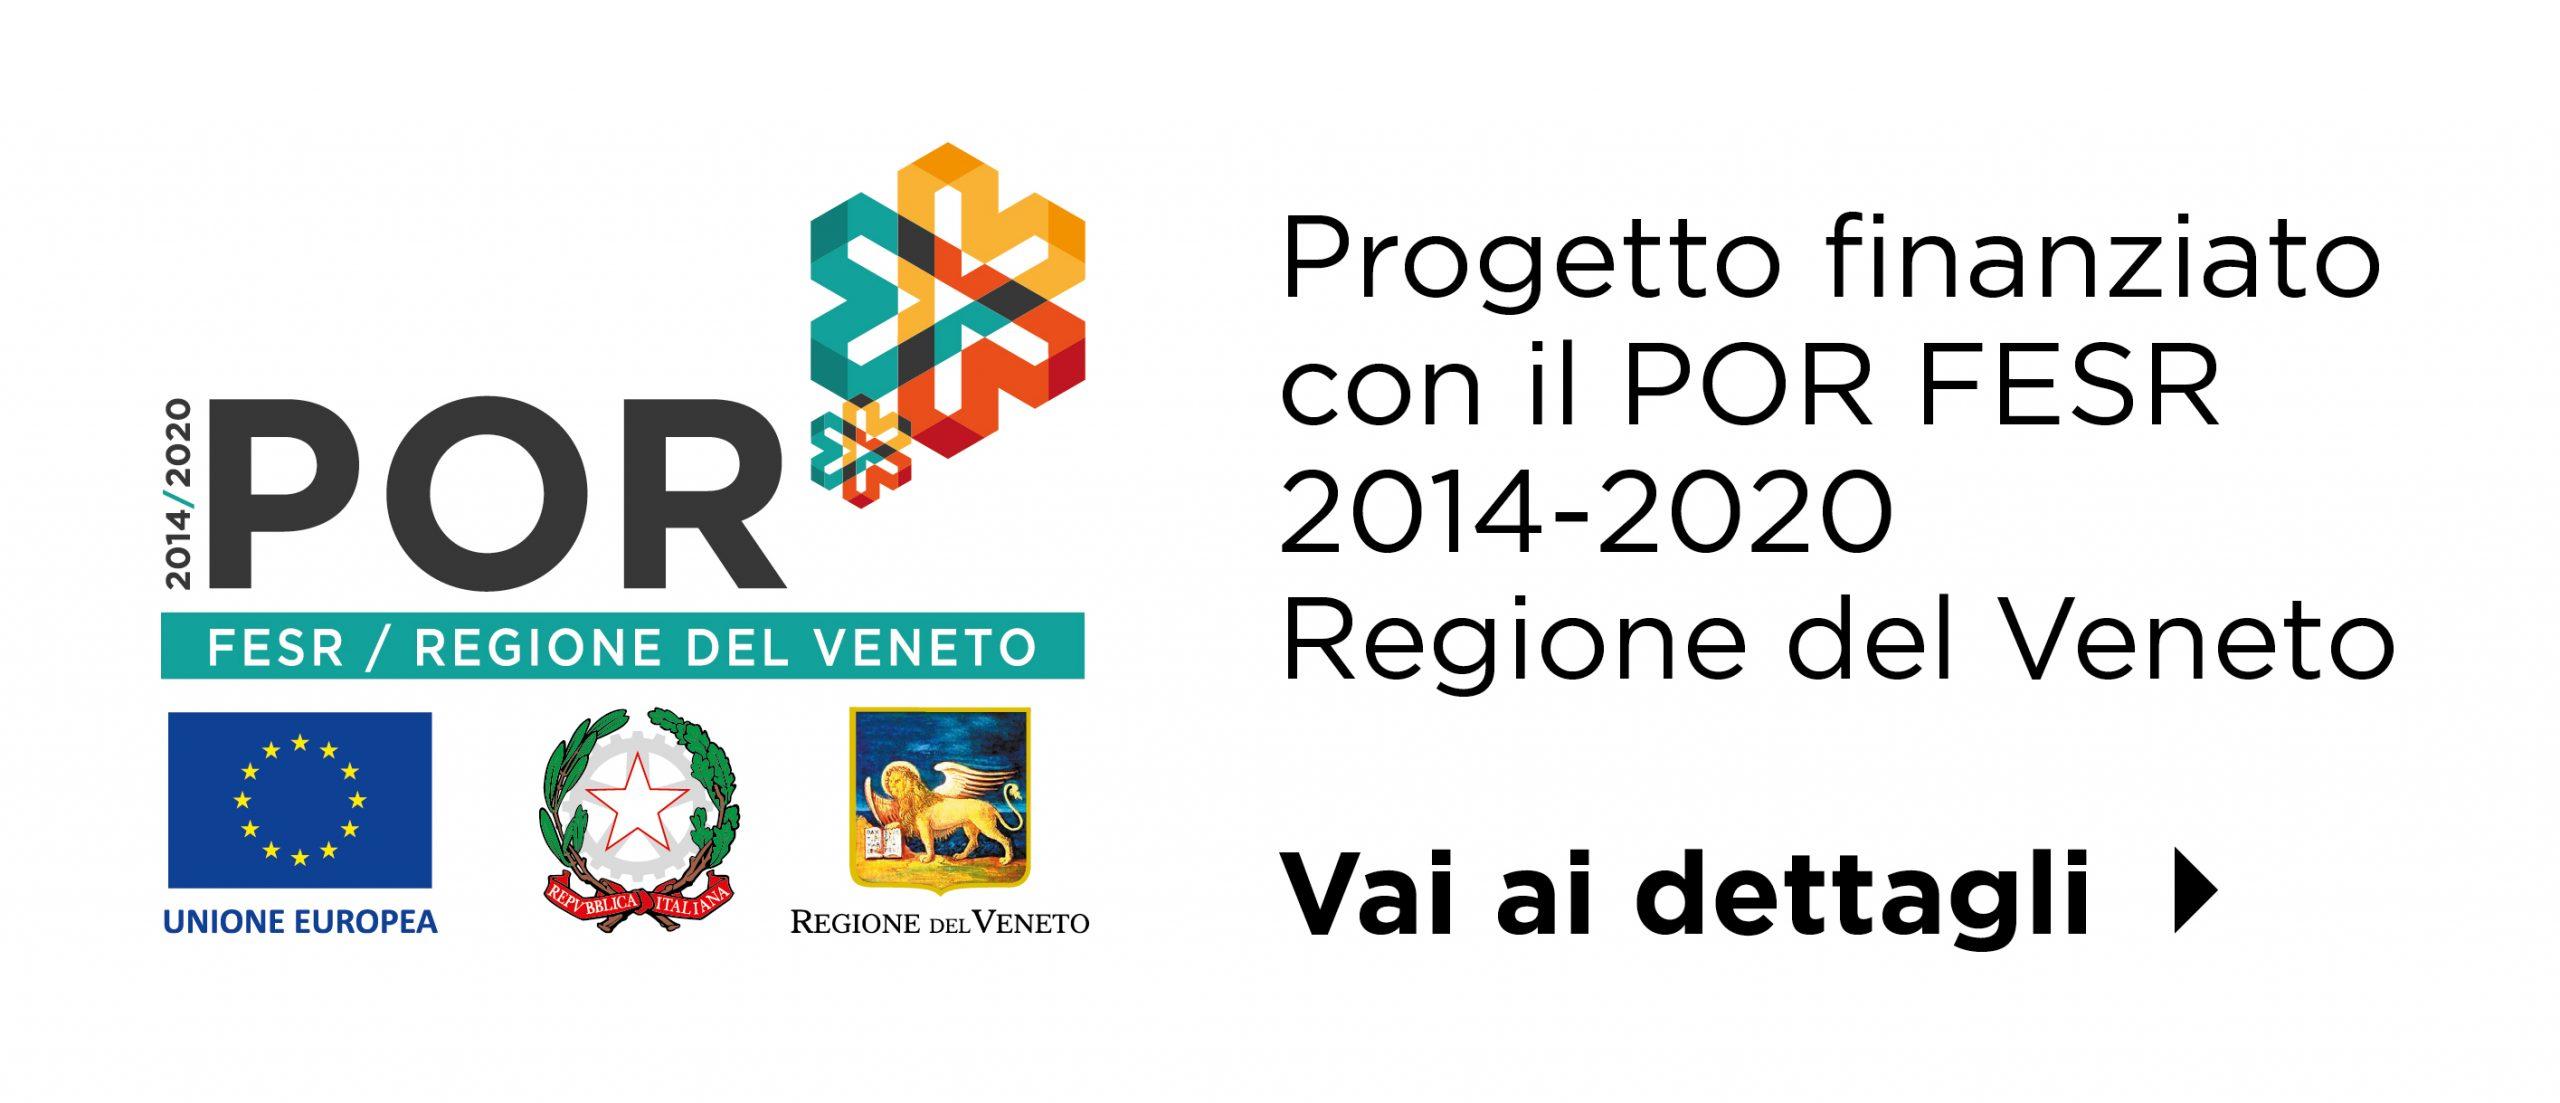 POR FESR 2014-2020 Regione del Veneto